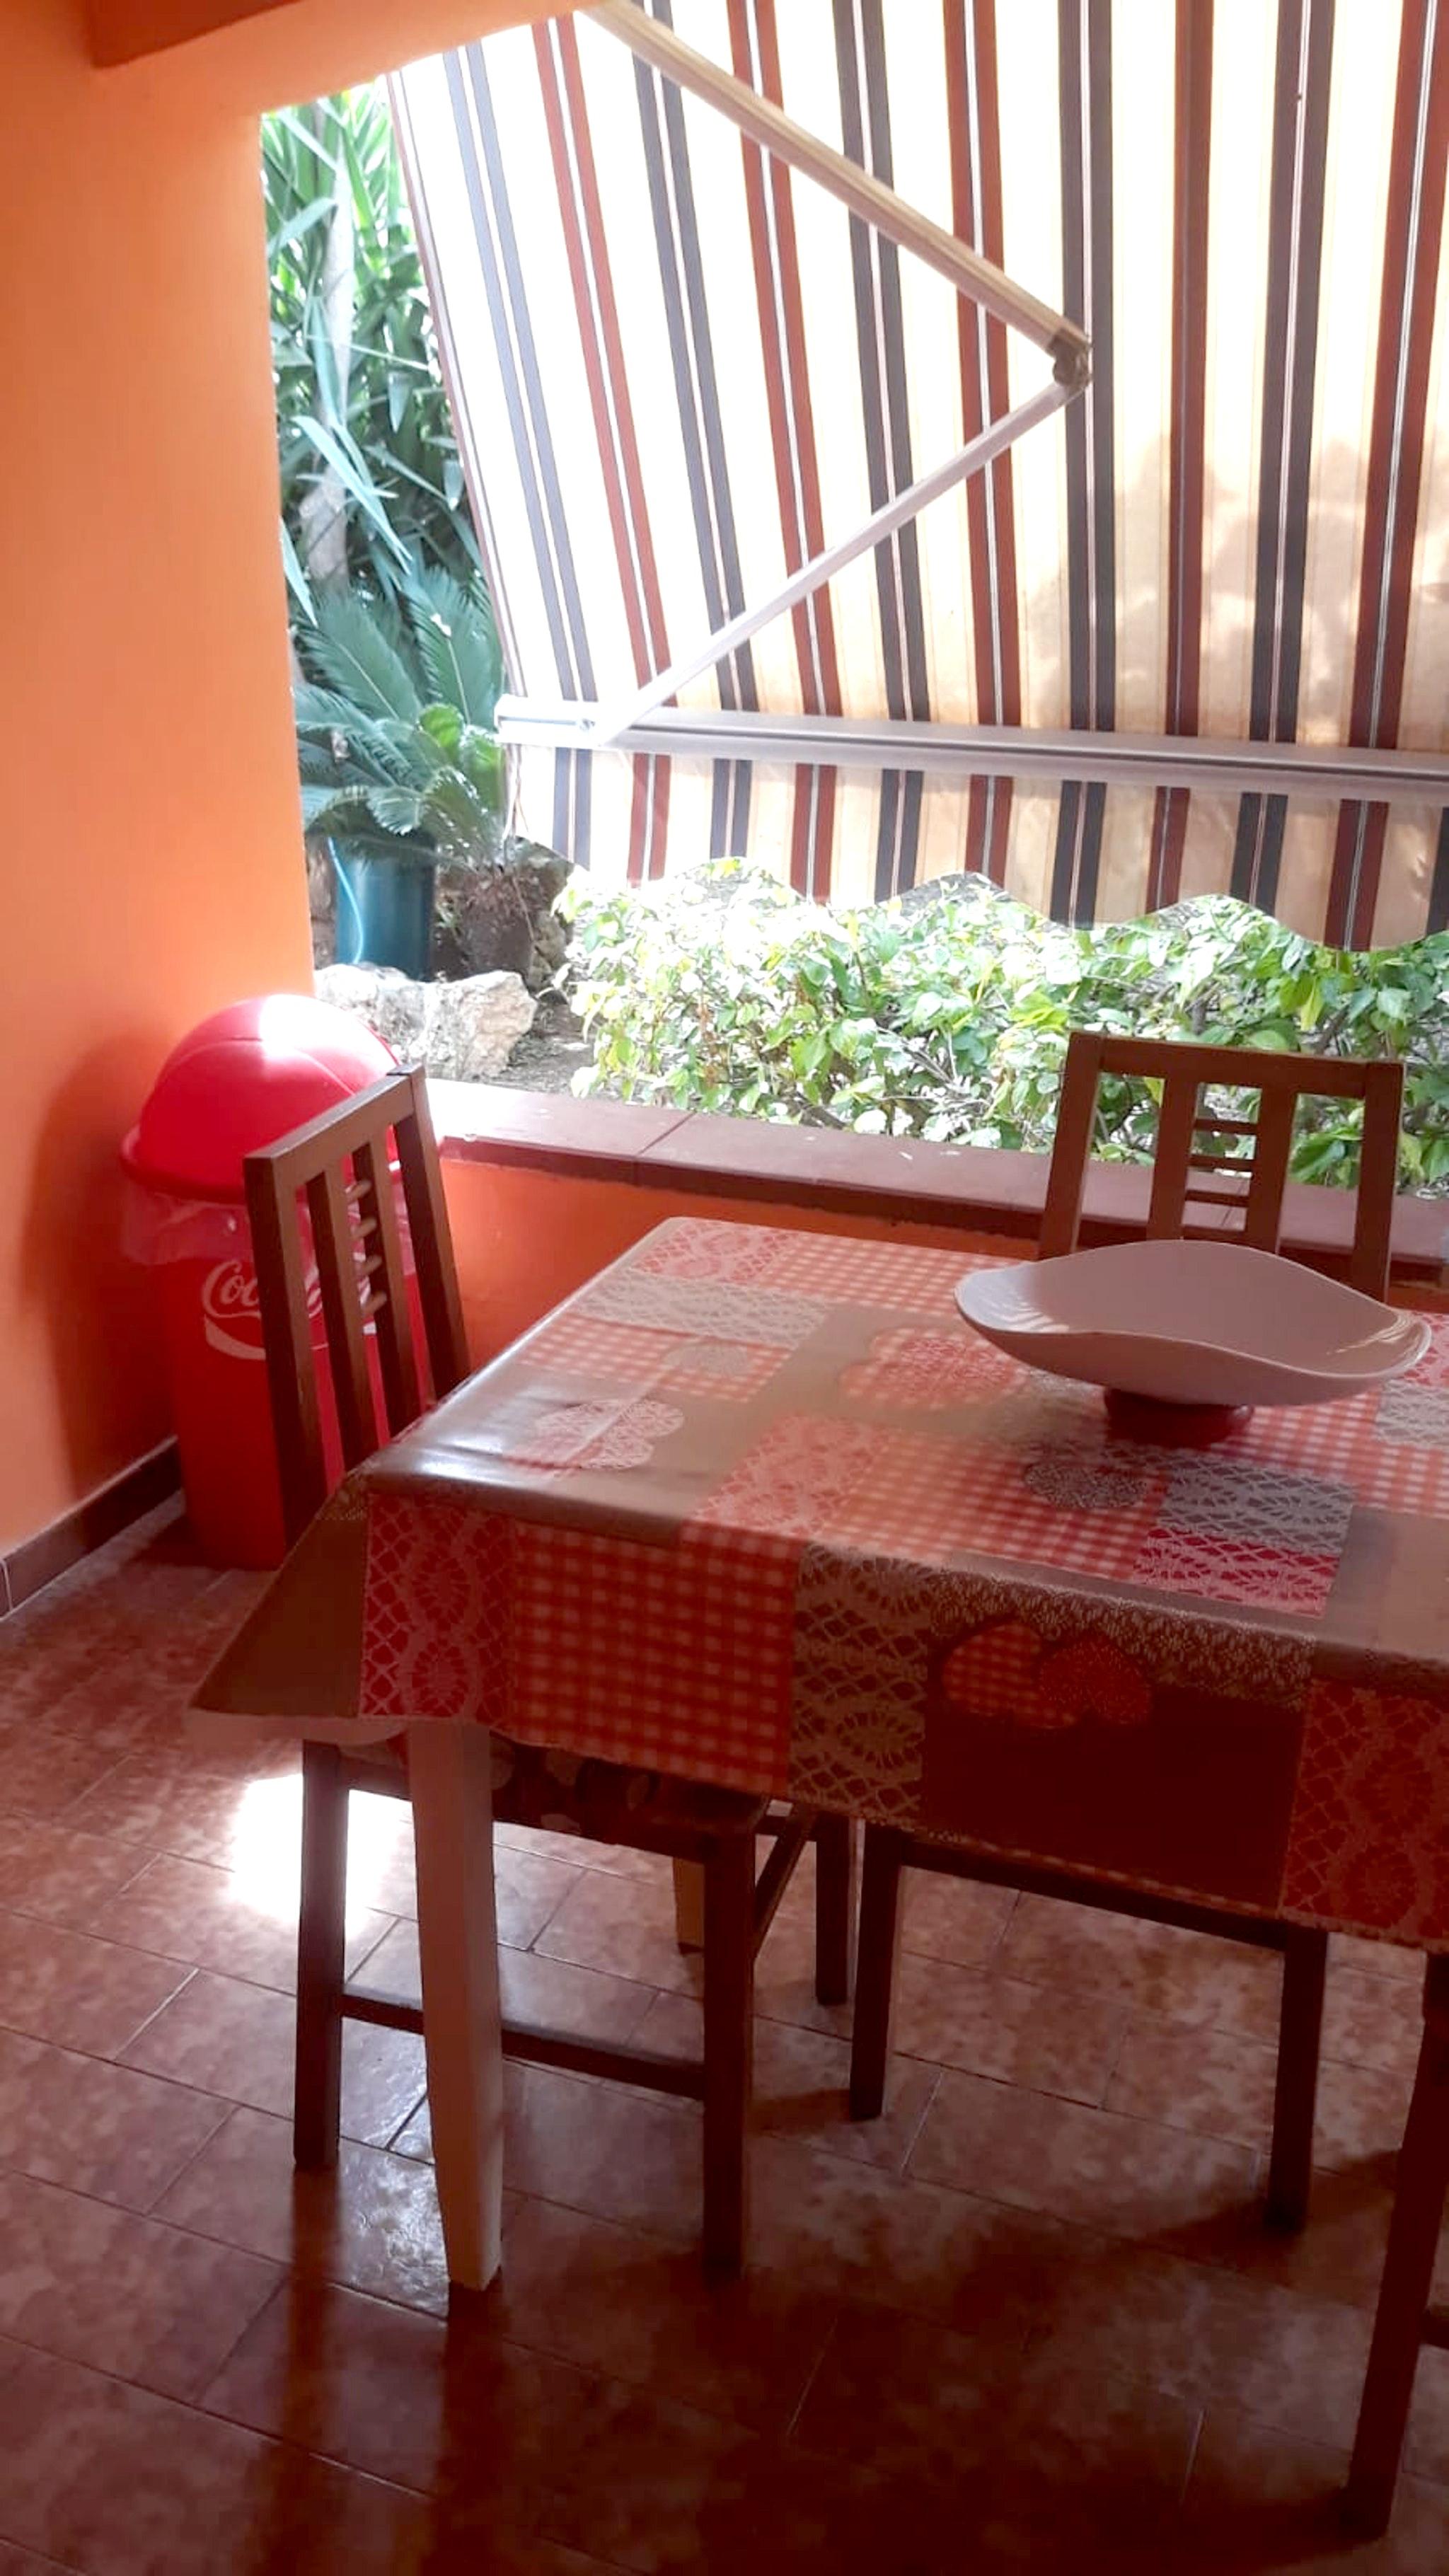 Appartement de vacances Studio in Cicirata mit herrlichem Meerblick, Pool, eingezäuntem Garten - 50 m vom Strand e (2339675), Avola, Siracusa, Sicile, Italie, image 4